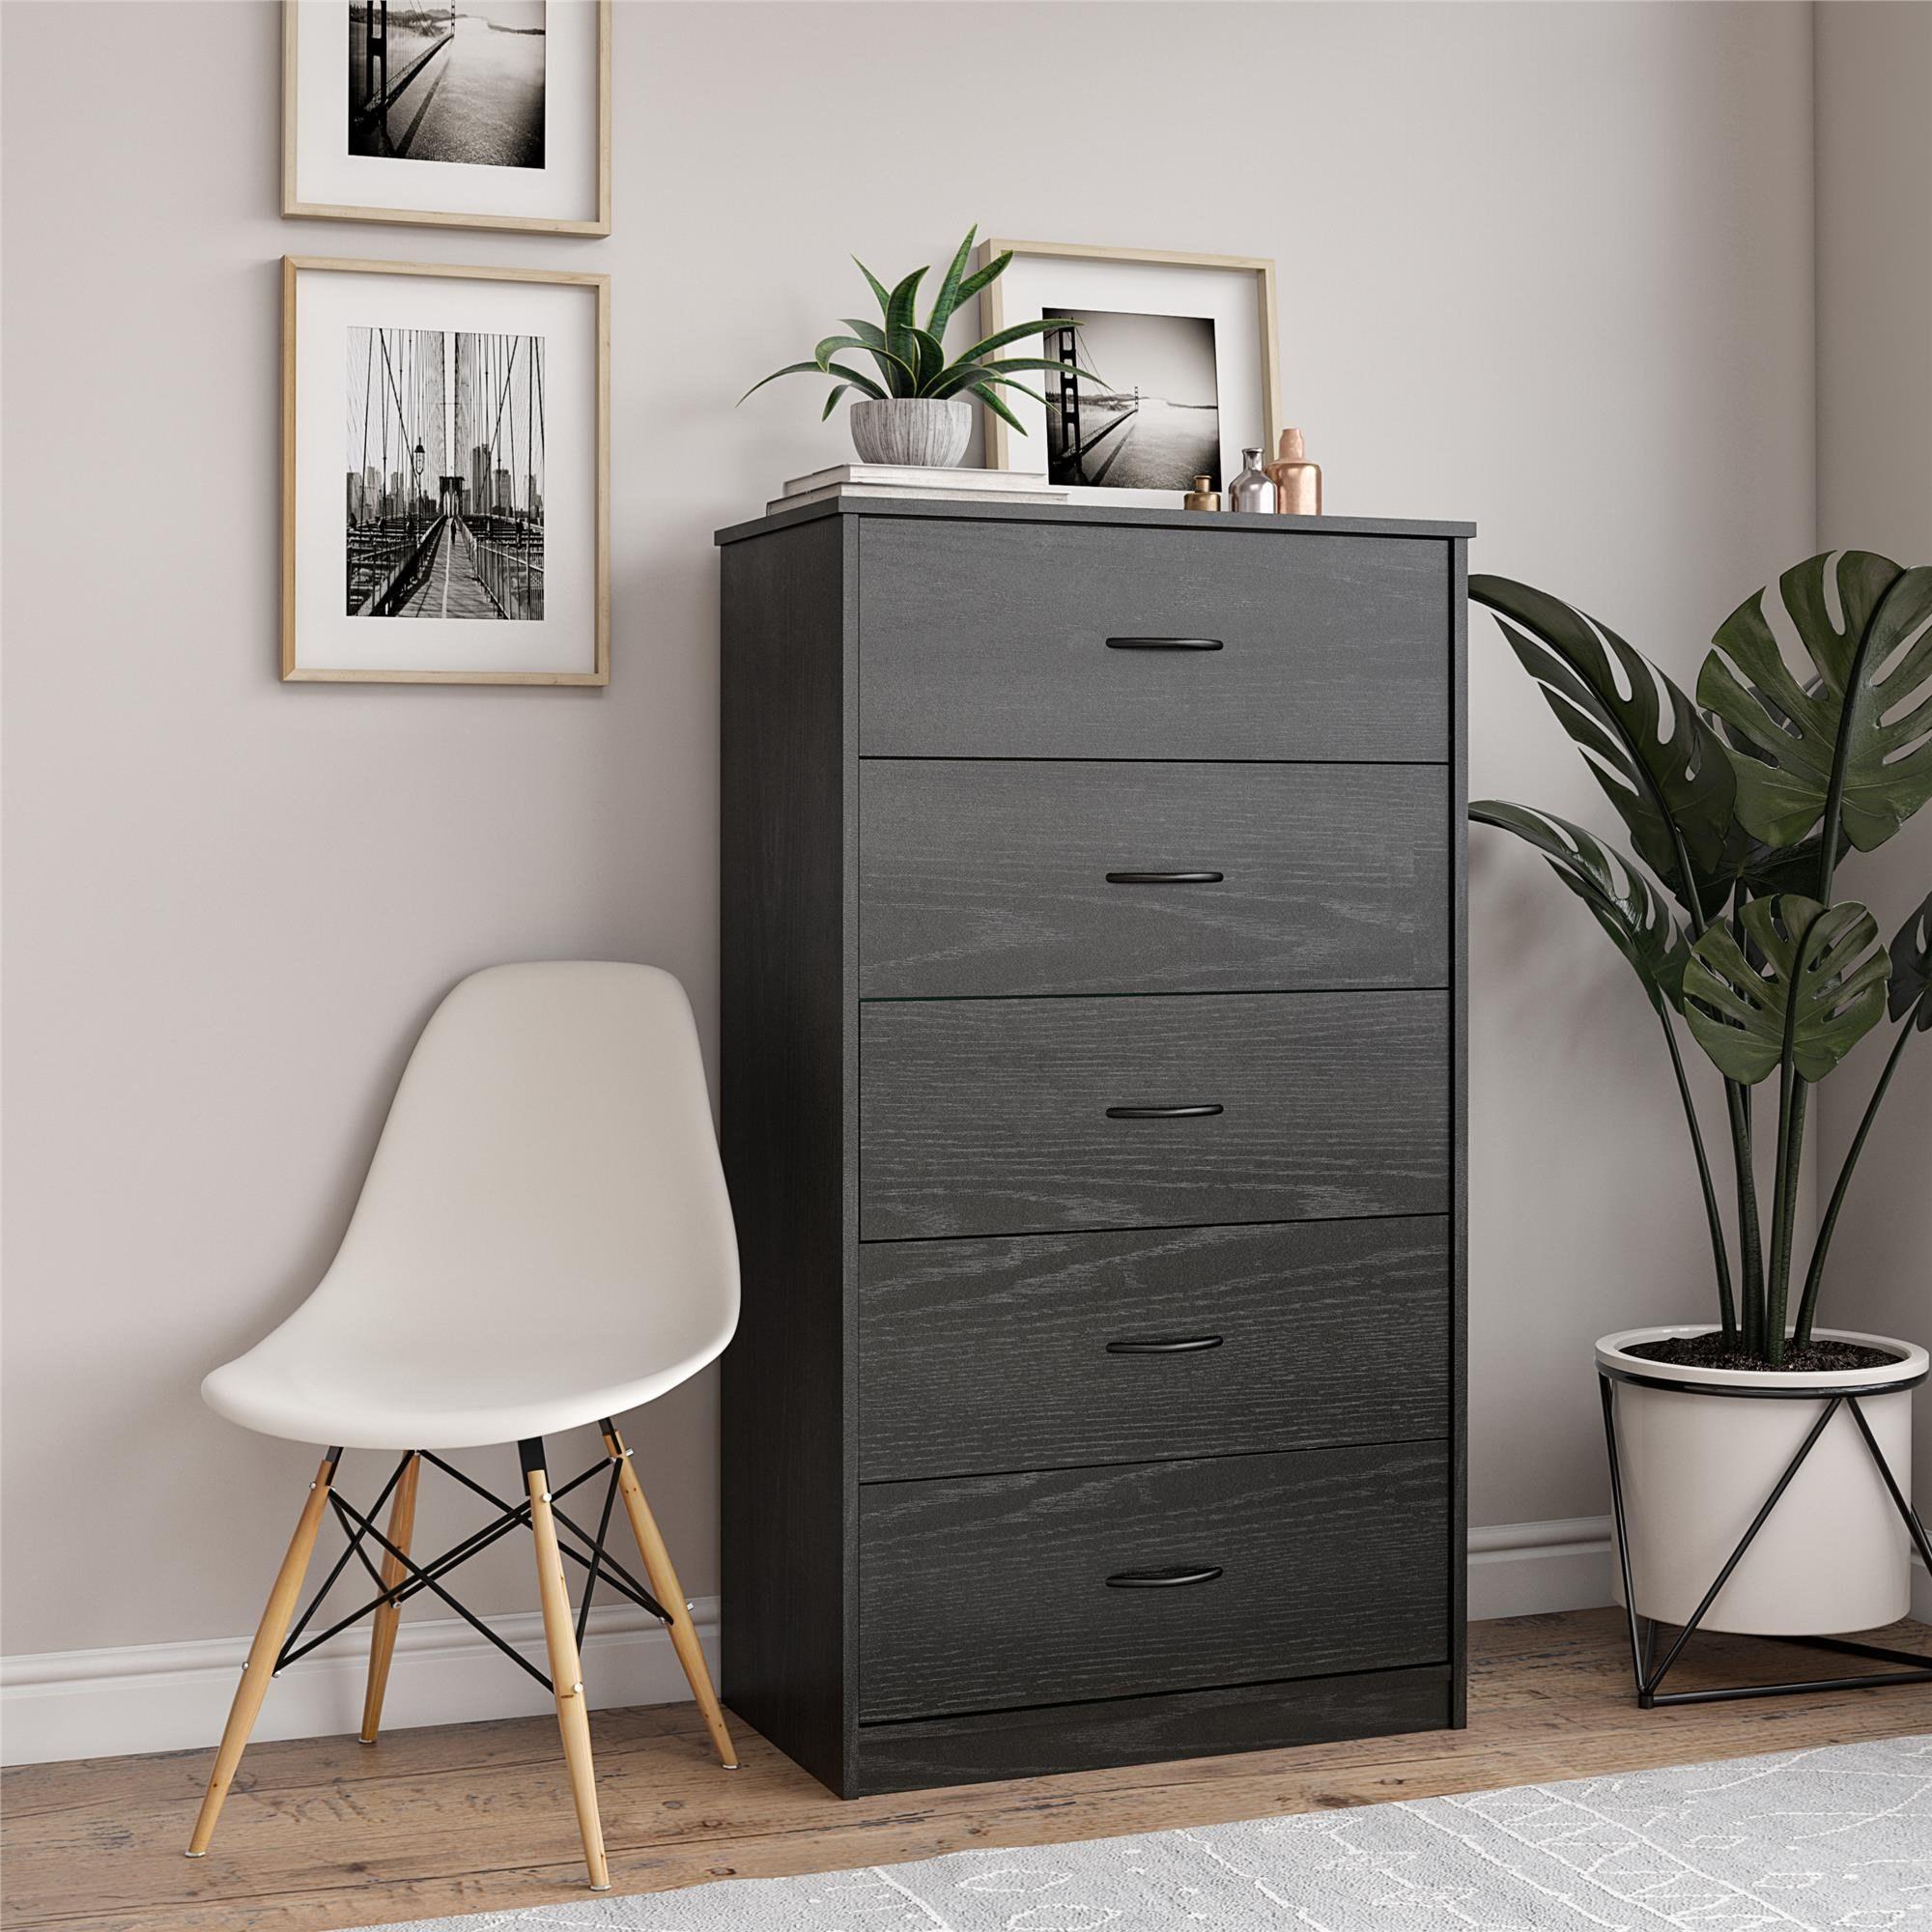 Tall black dresser